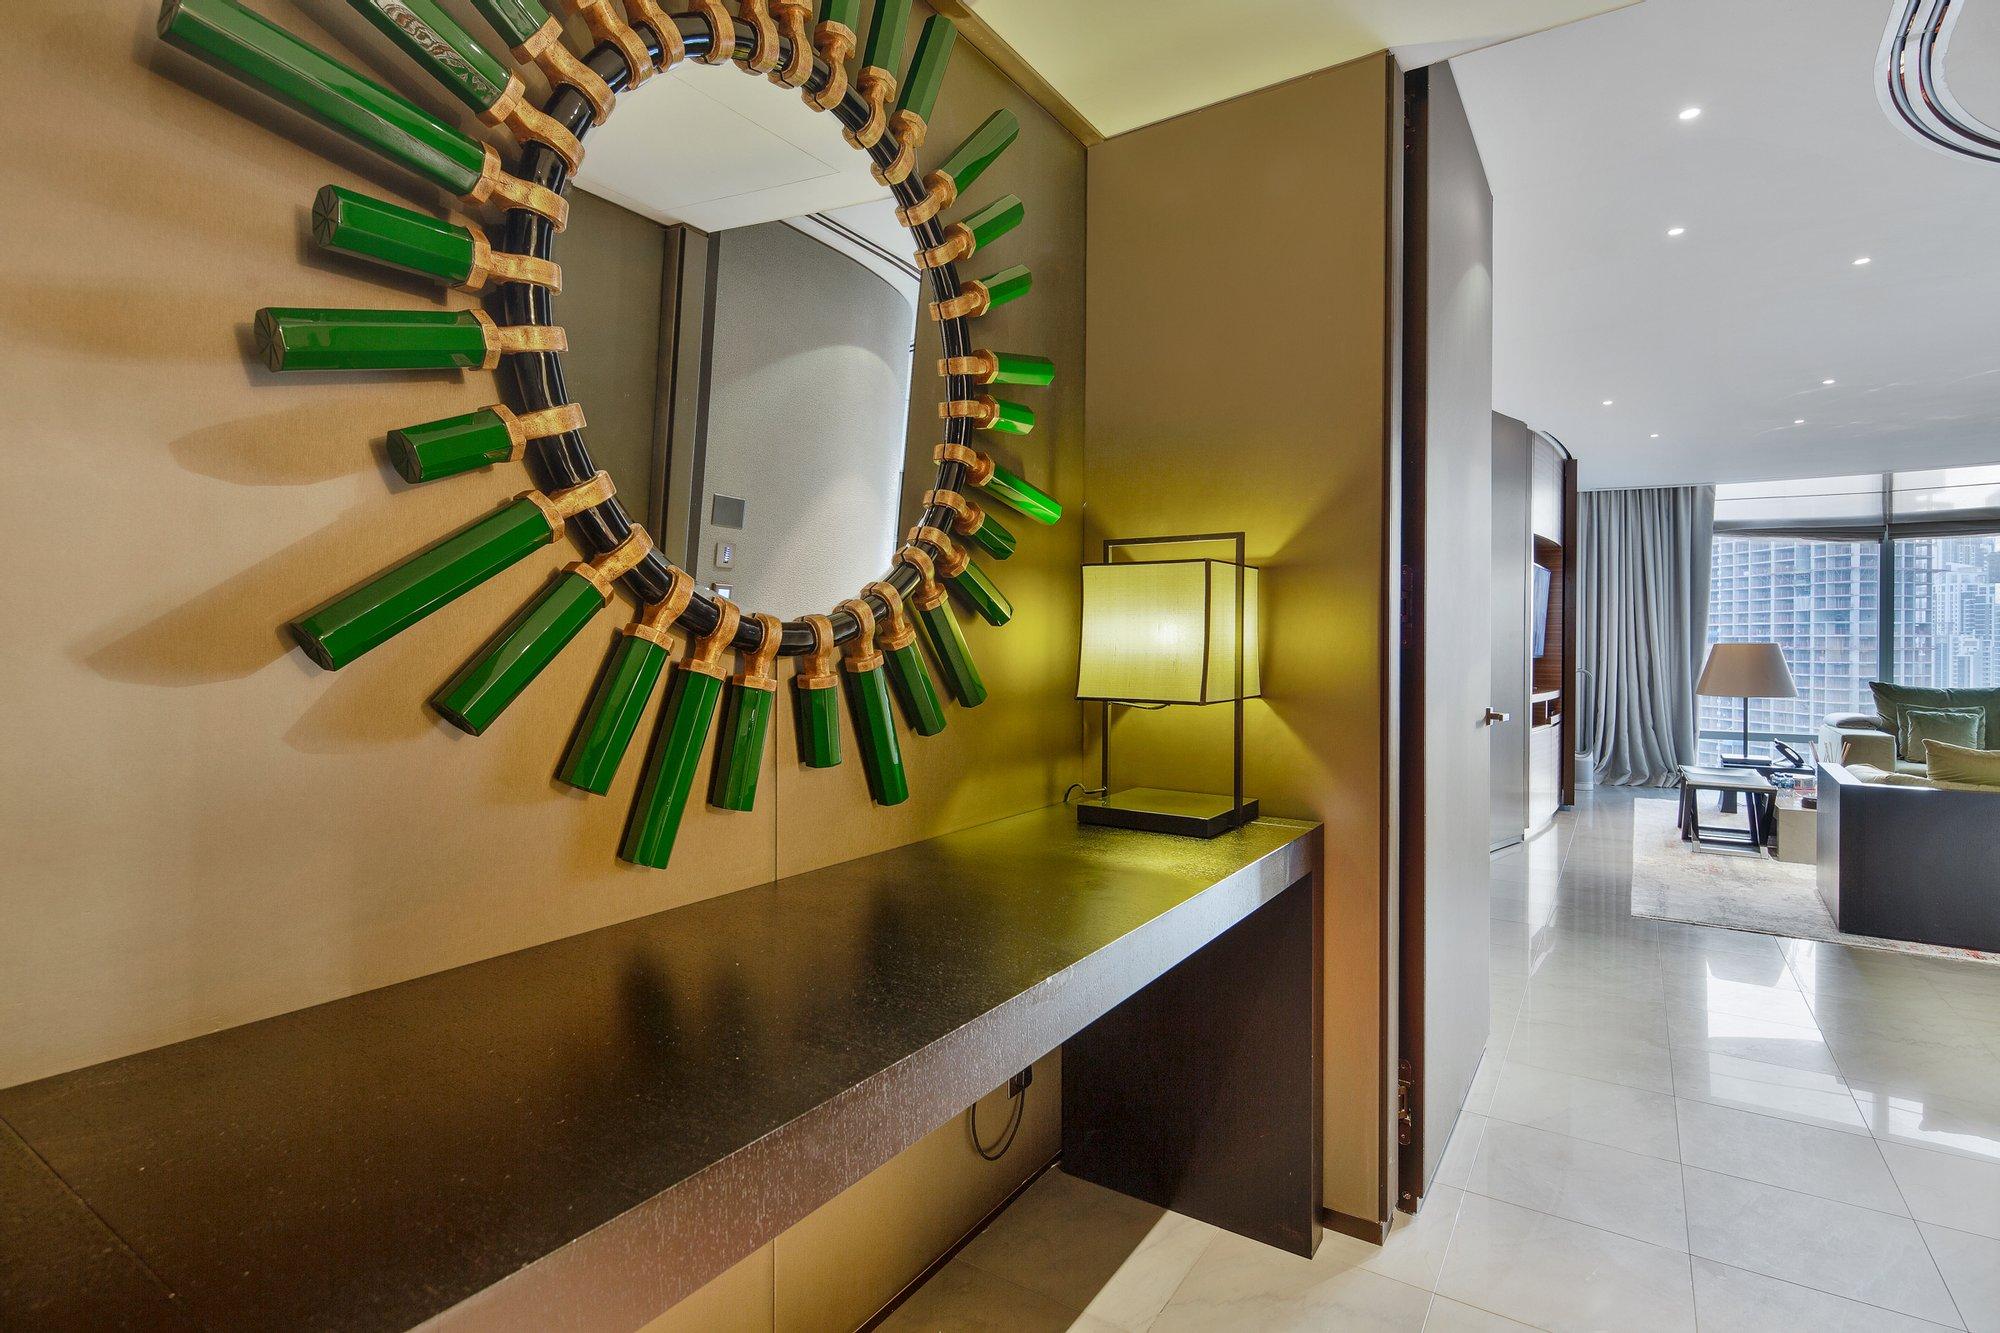 Apartment in Dubai, Dubai, United Arab Emirates 1 - 11250419